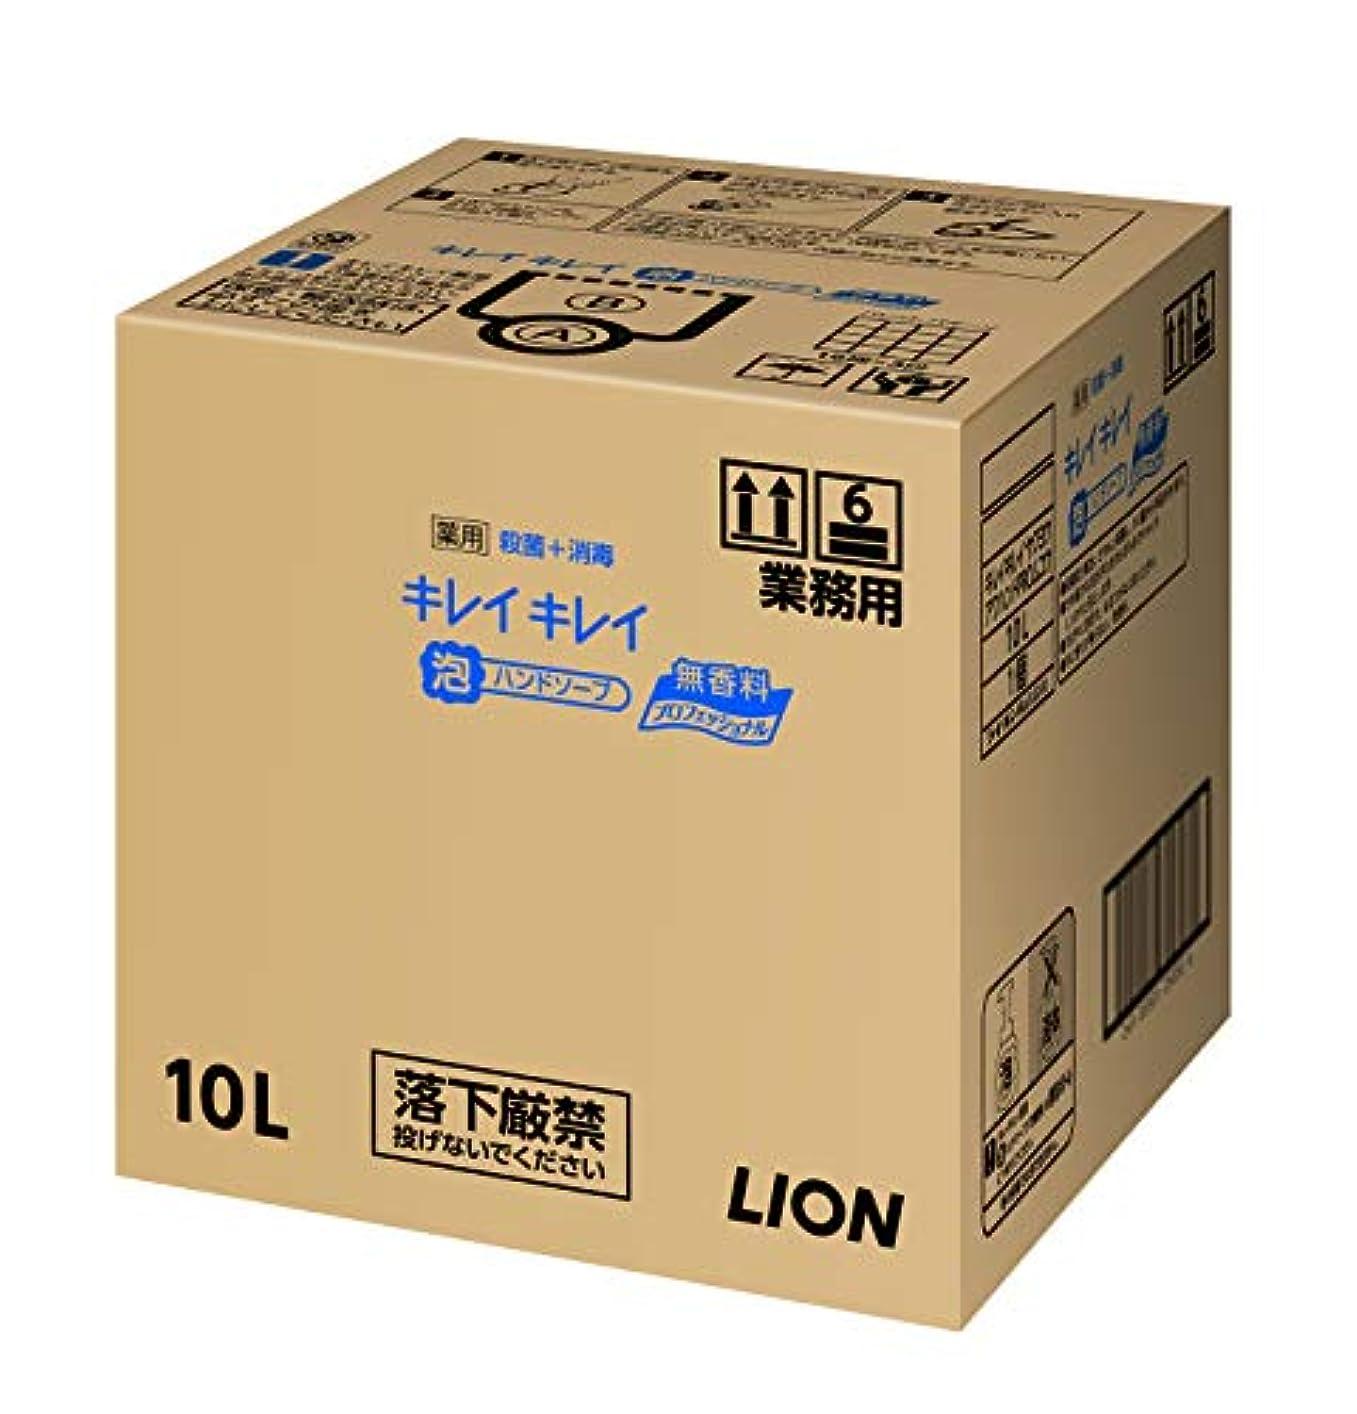 洗う人類高く【業務用 大容量】キレイキレイ 薬用 泡ハンドソープ 無香料 10L(医薬部外品)